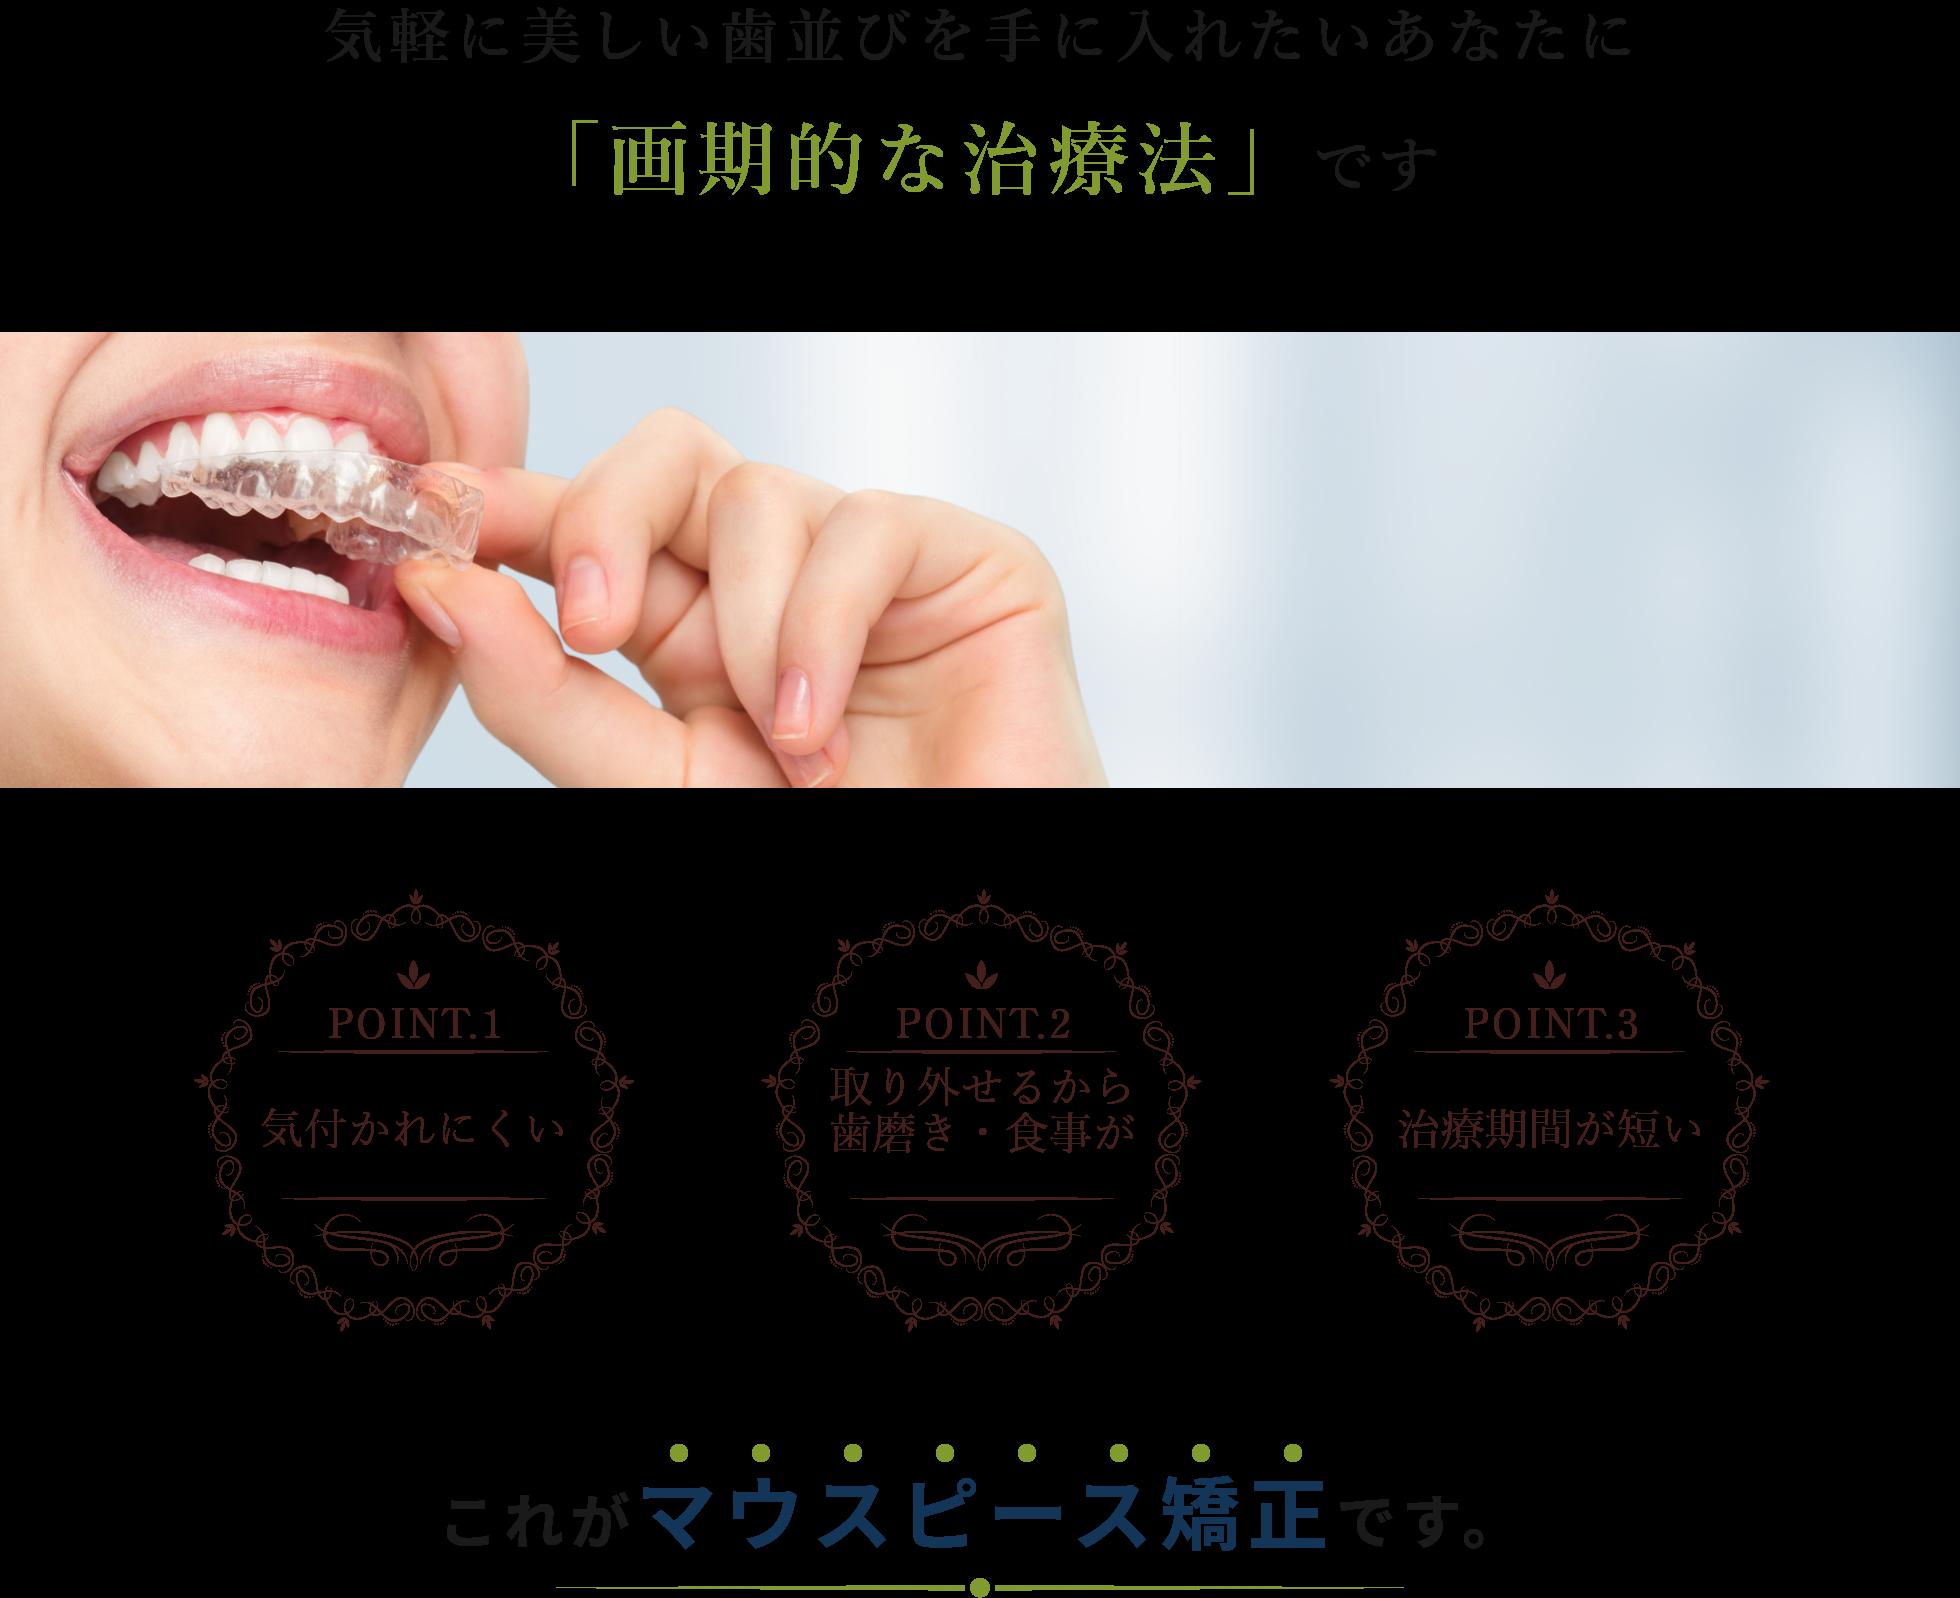 気軽に美しい歯並びを手に入れたいあなたに「画期的な治療法」です POINT.1 気付かれにくい POINT.2取り外せるから歯磨き・食事がしやすい POINT.3治療期間が短いこれがマウスピース矯正です。